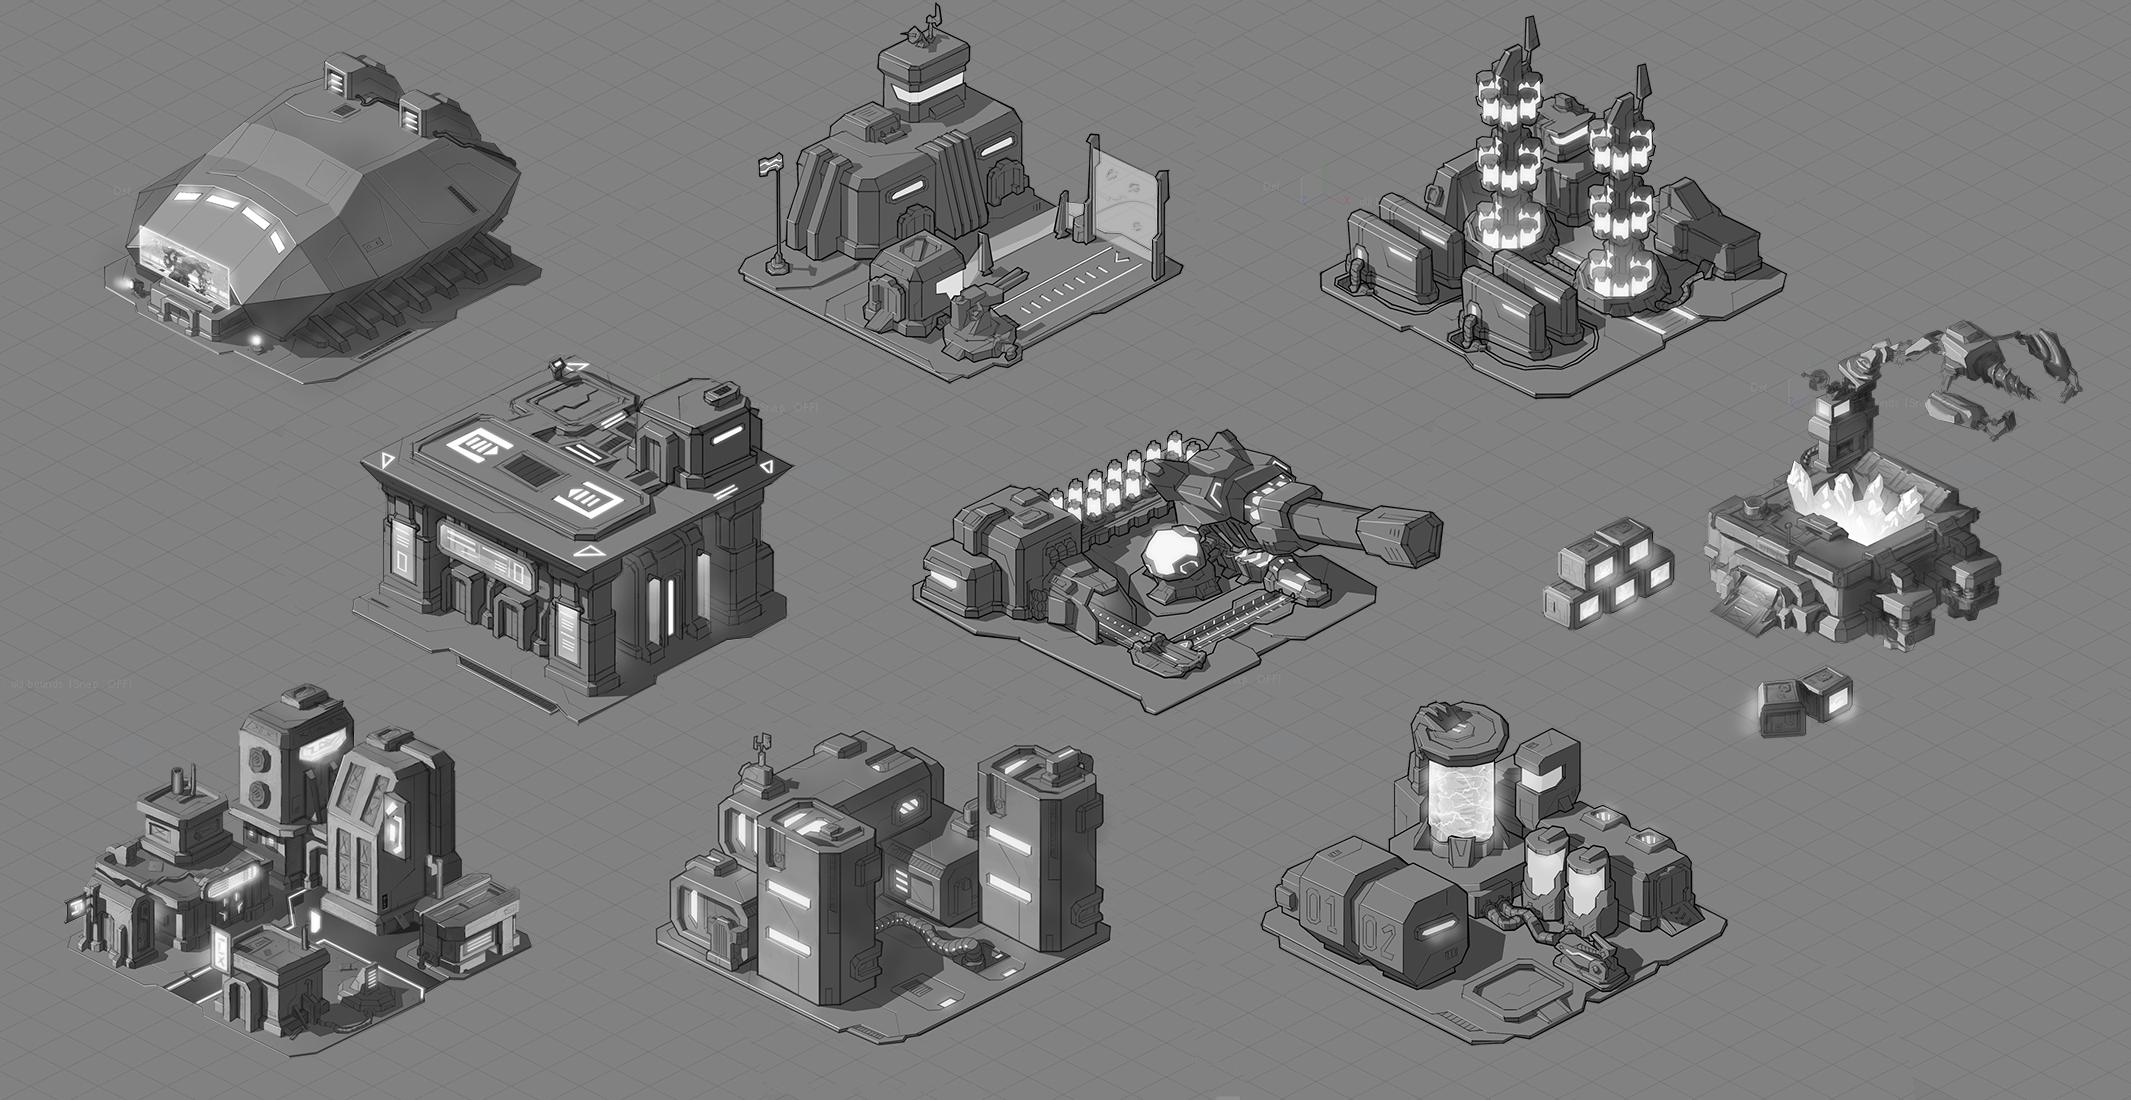 sf_city-buildings.jpg